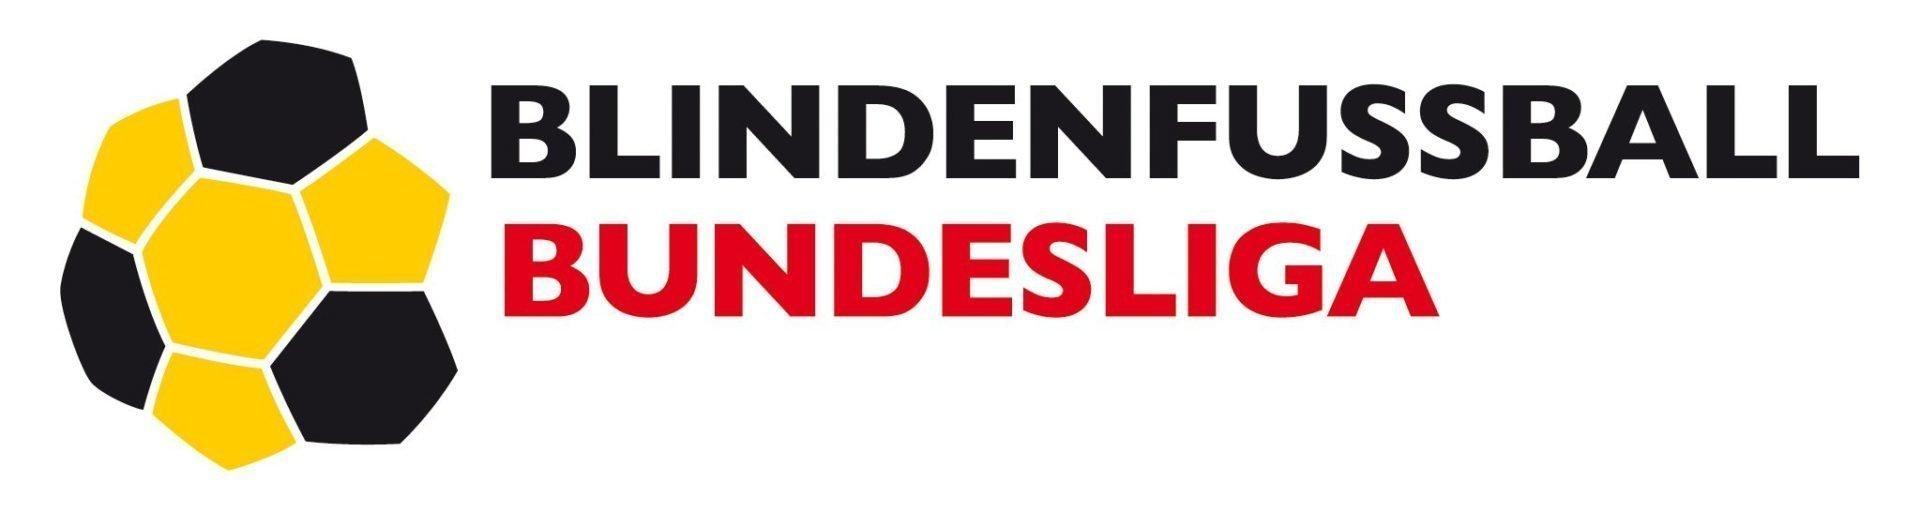 Das Logo der Blindenfußball-Bundesliga. ©: Träger der Blindenfußball-Bundesliga